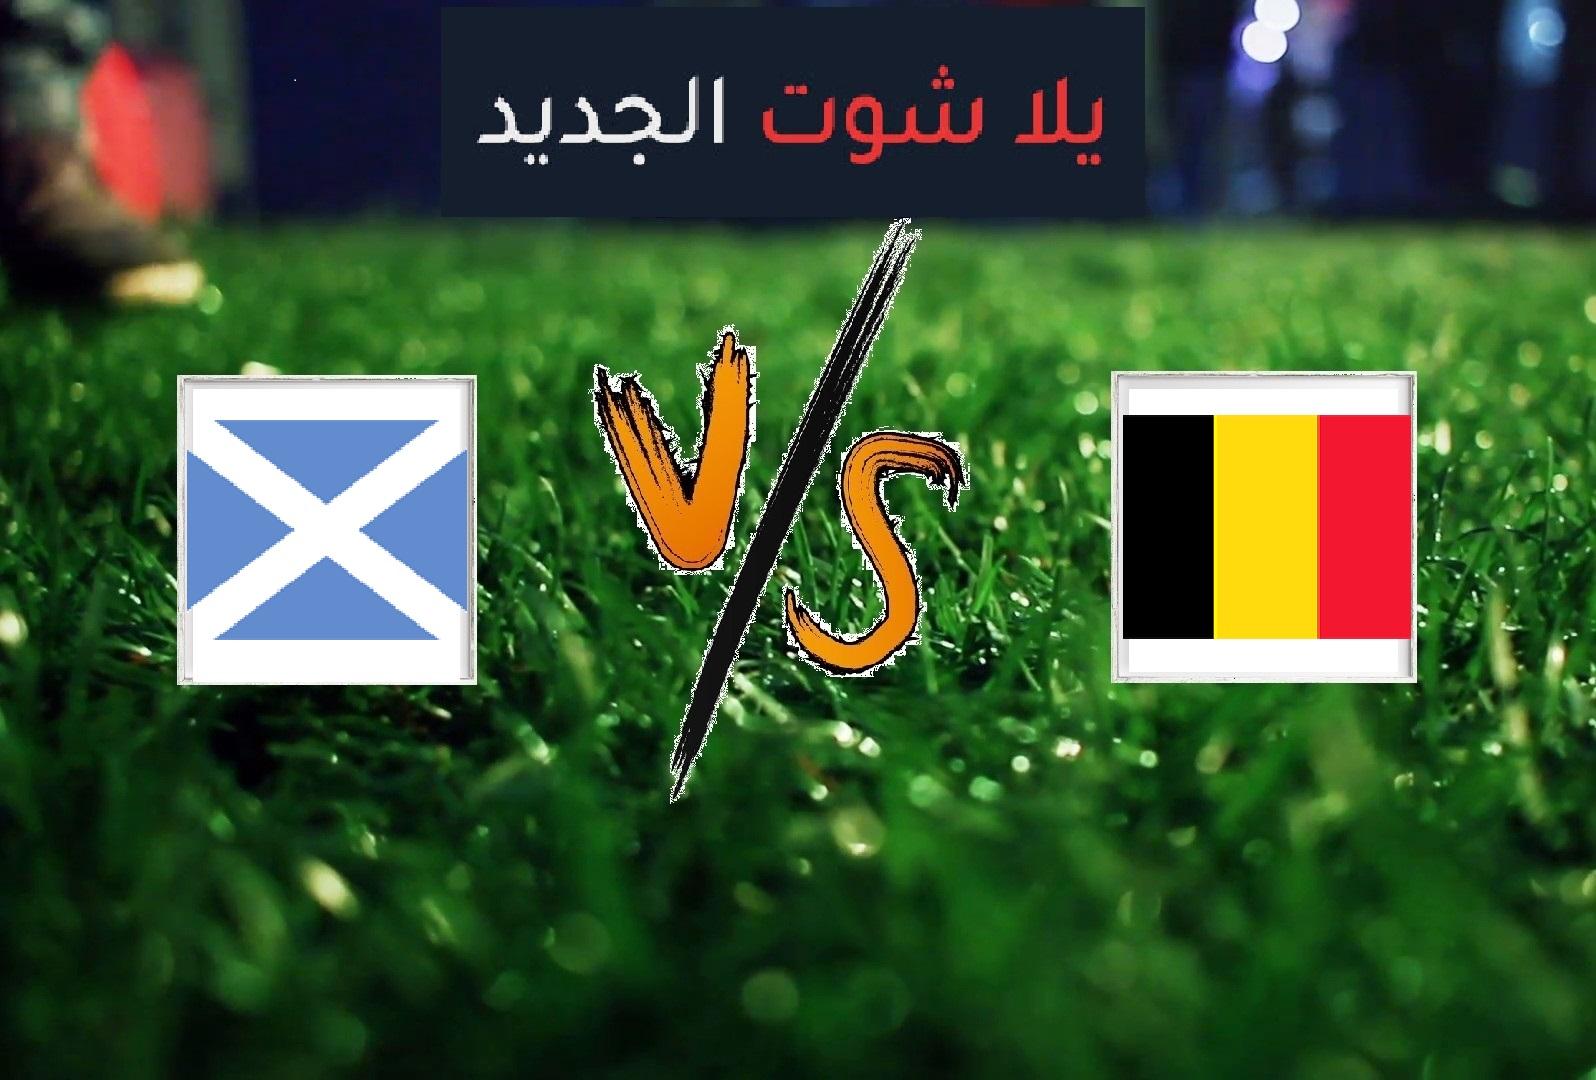 ملخص مباراة بلجيكا واسكوتلندا اليوم الثلاثاء بتاريخ 11-06-2019 التصفيات المؤهلة ليورو 2020